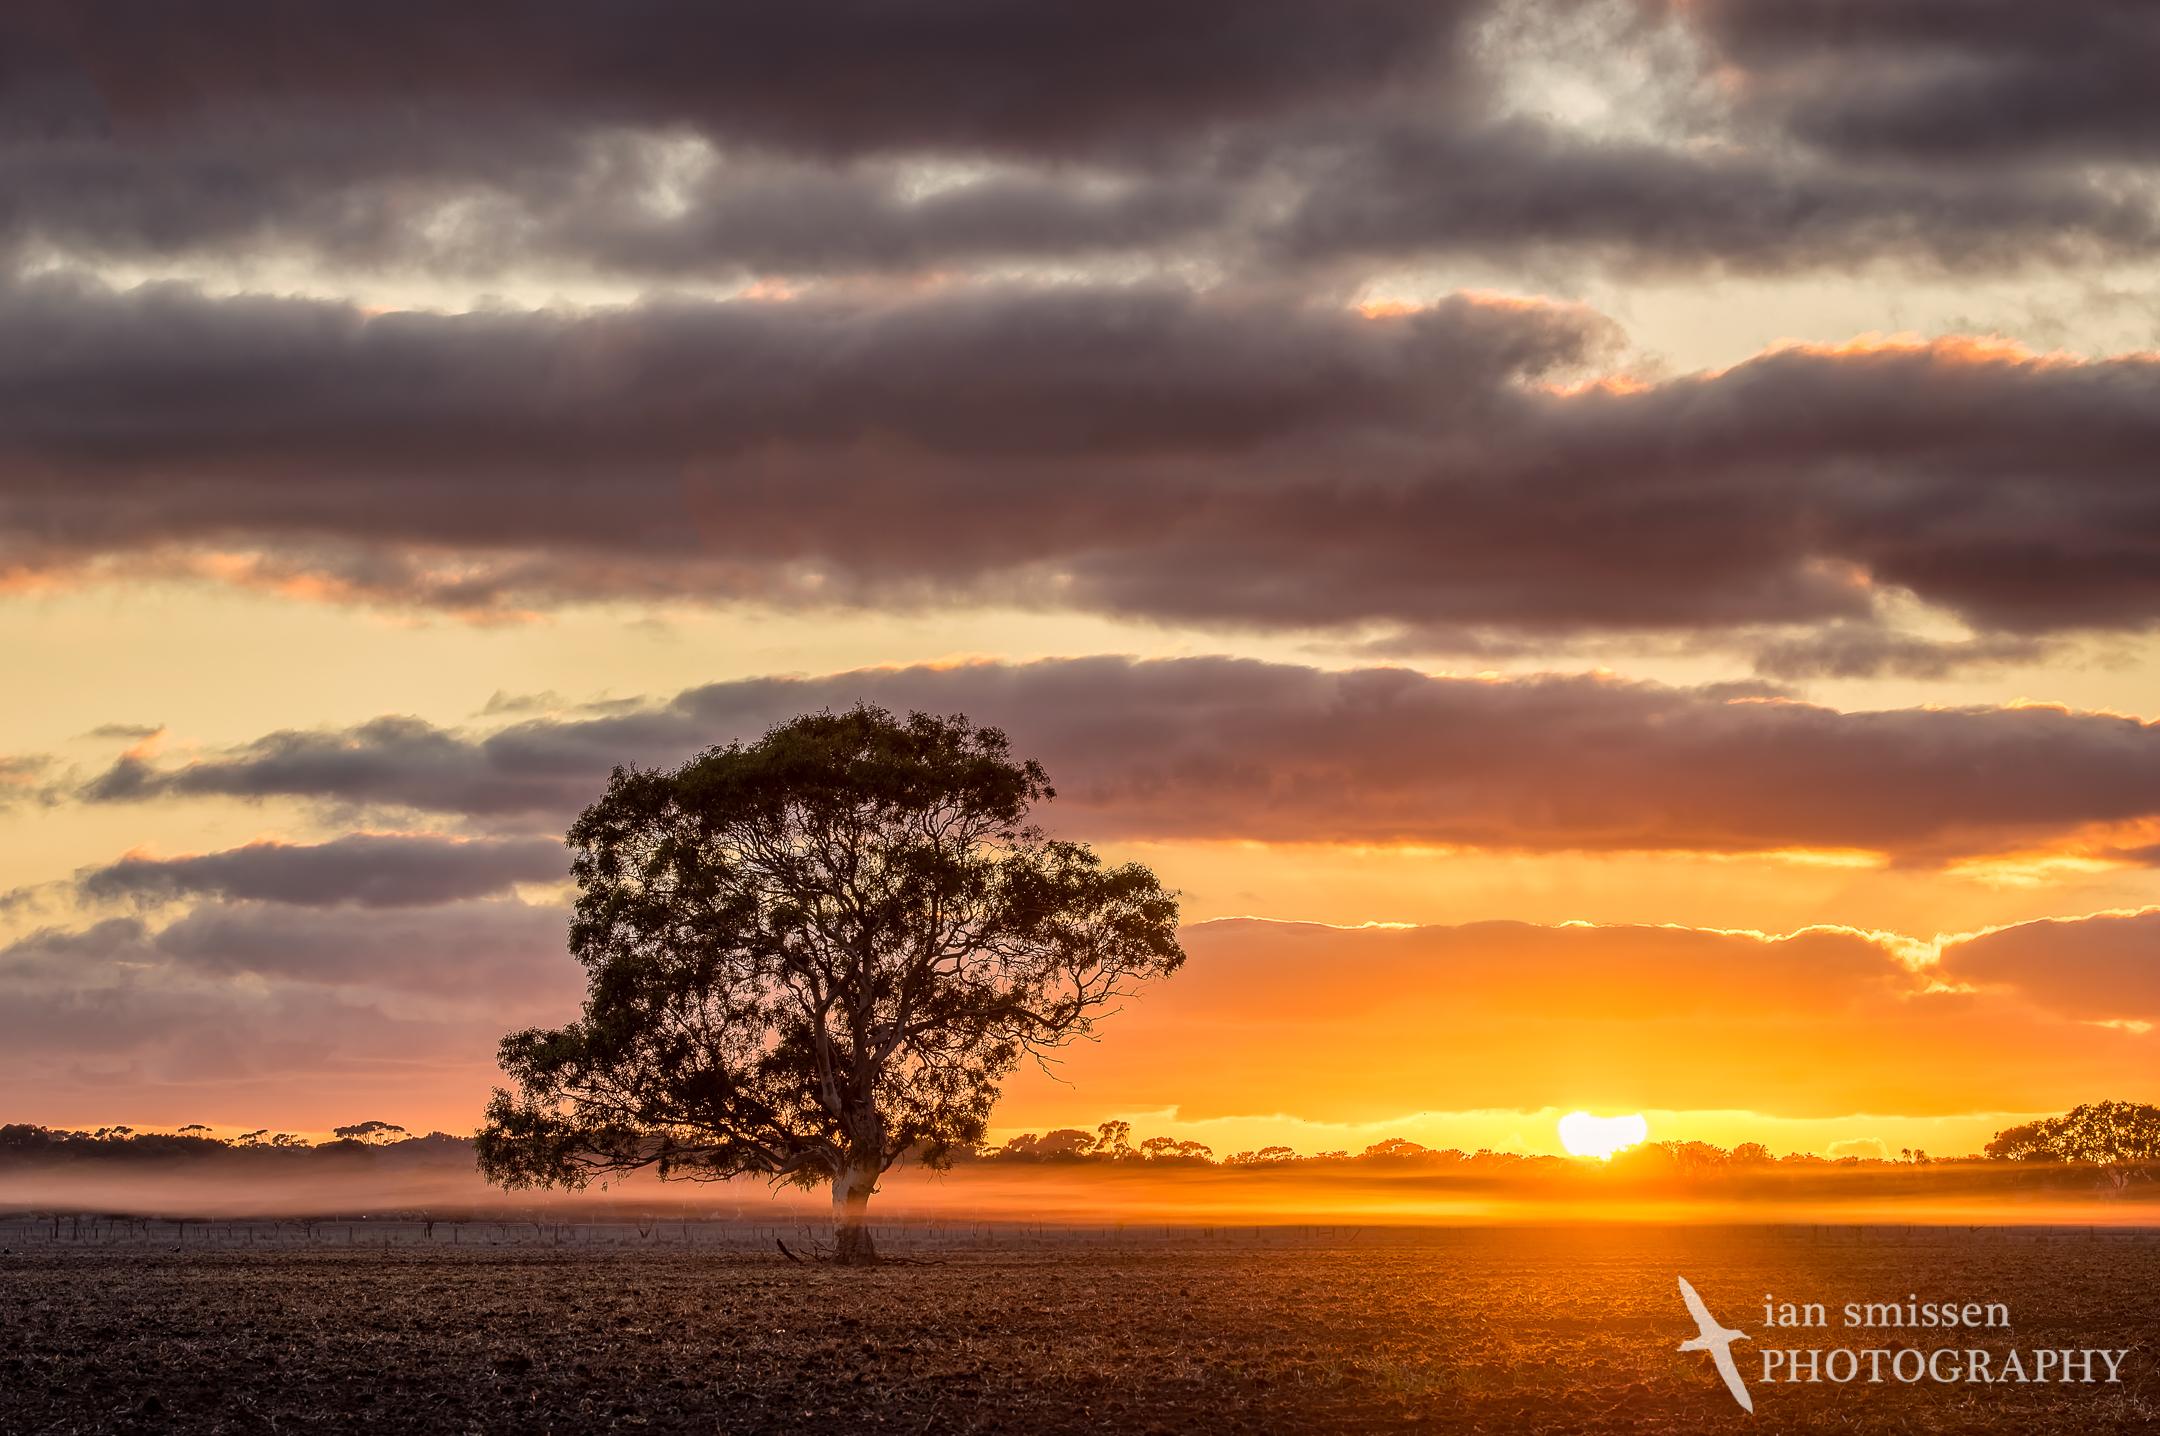 Gum tree at sunrise